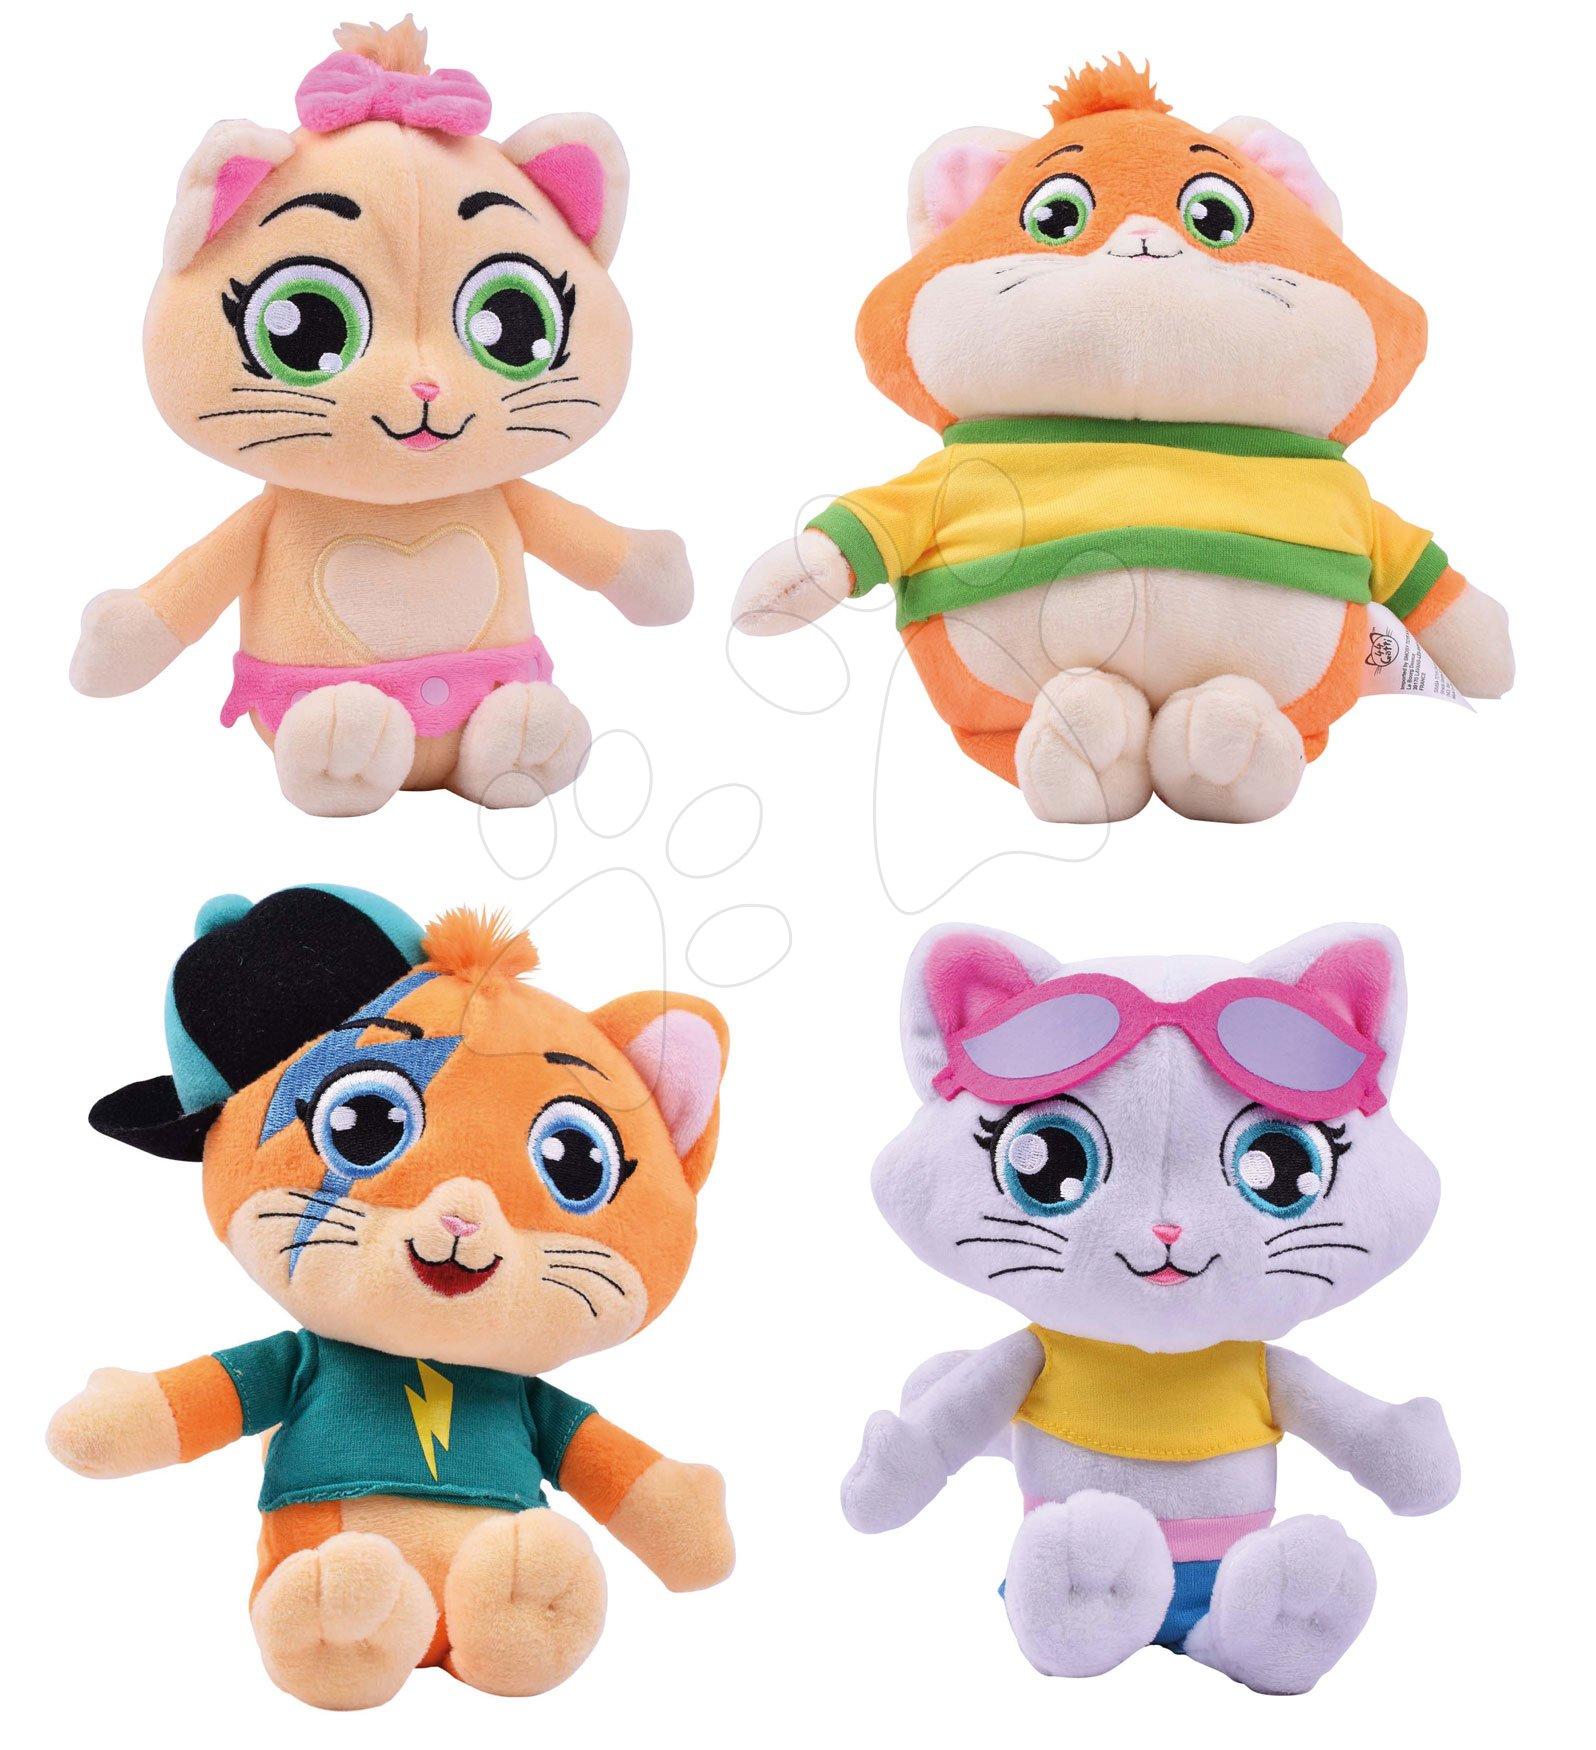 Set plyšové kočky hudební 44 Cats Musical Plush Smoby 21 cm set 4 druhy pro nejmenší od 0 měsíců